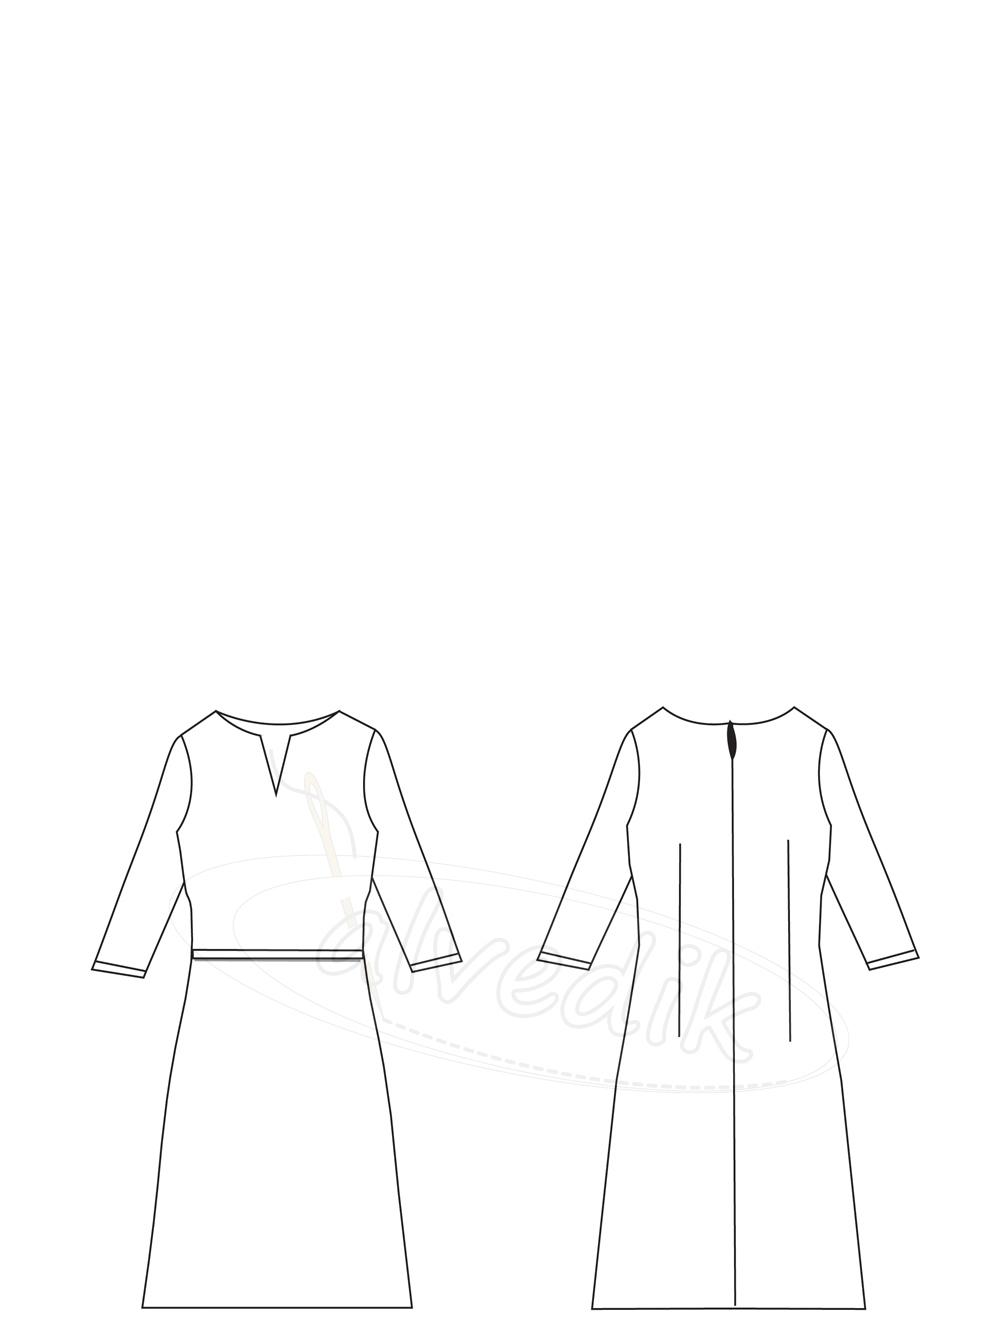 59cbdfec2ae71 Ürün Adı: Kışlık Elbise Kalıbı K-7030 Beden:34/52